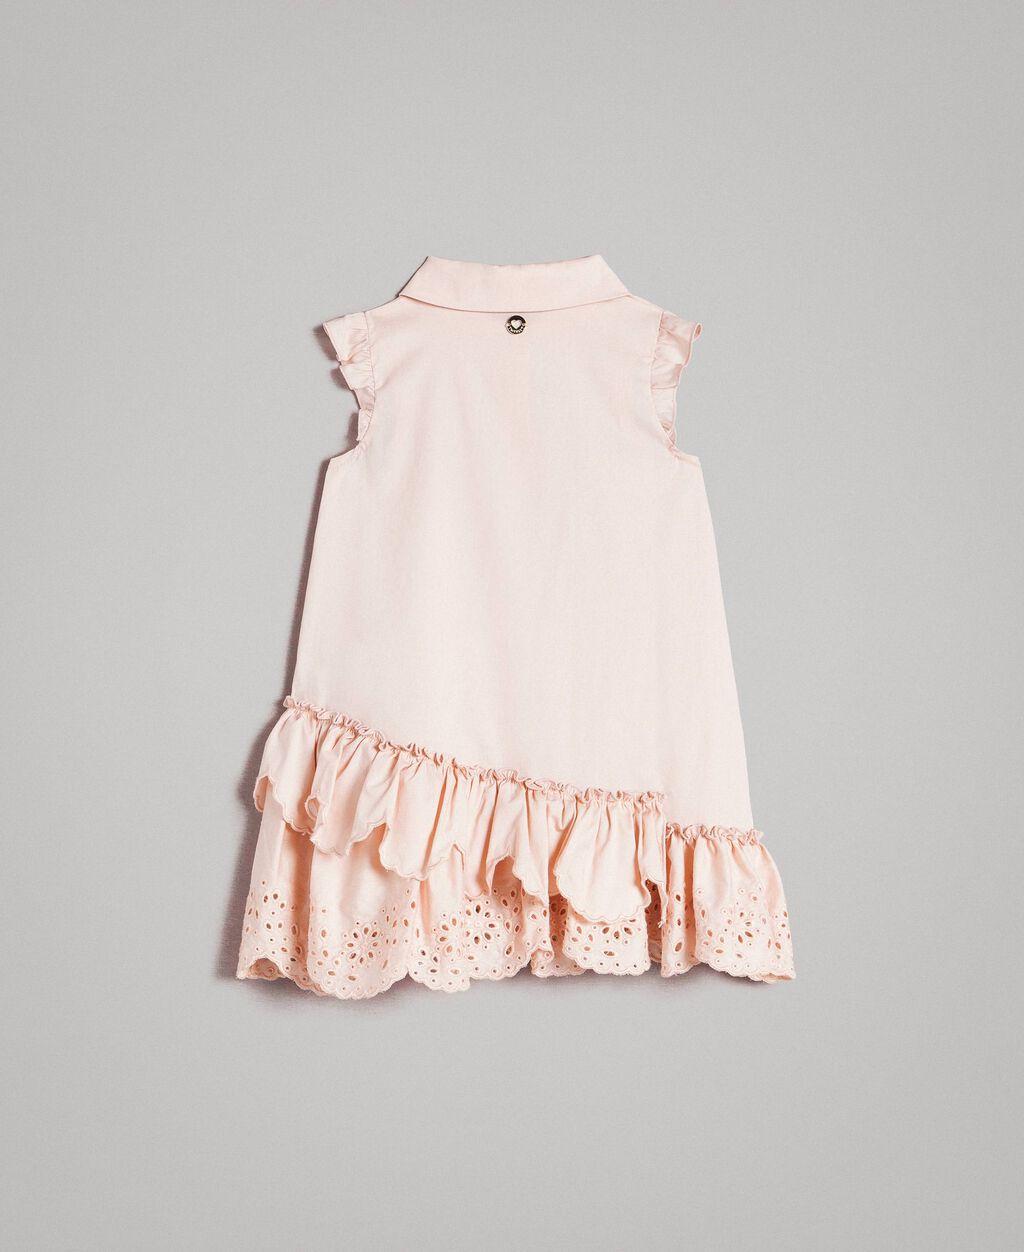 b7724d5858e60 Hemd-Kleid aus Popeline mit Lochstickerei Kind, Rose | TWINSET Milano